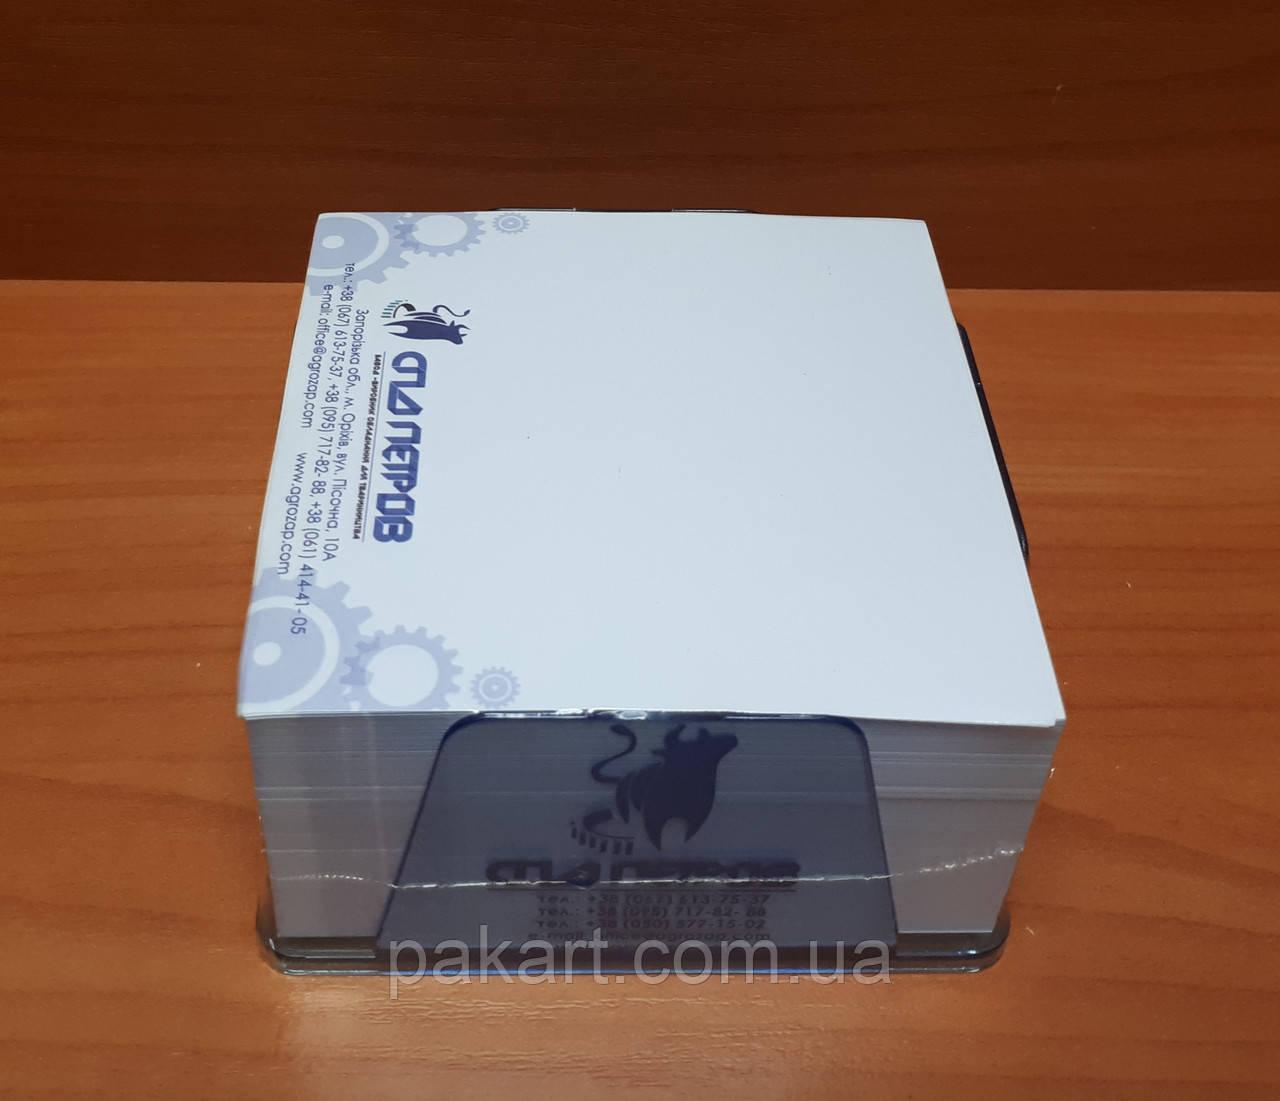 Упаковка боксів з паперовими блоками в термоусадку.Упаковка боксов с бумажными блоками в термоусадочную пленку